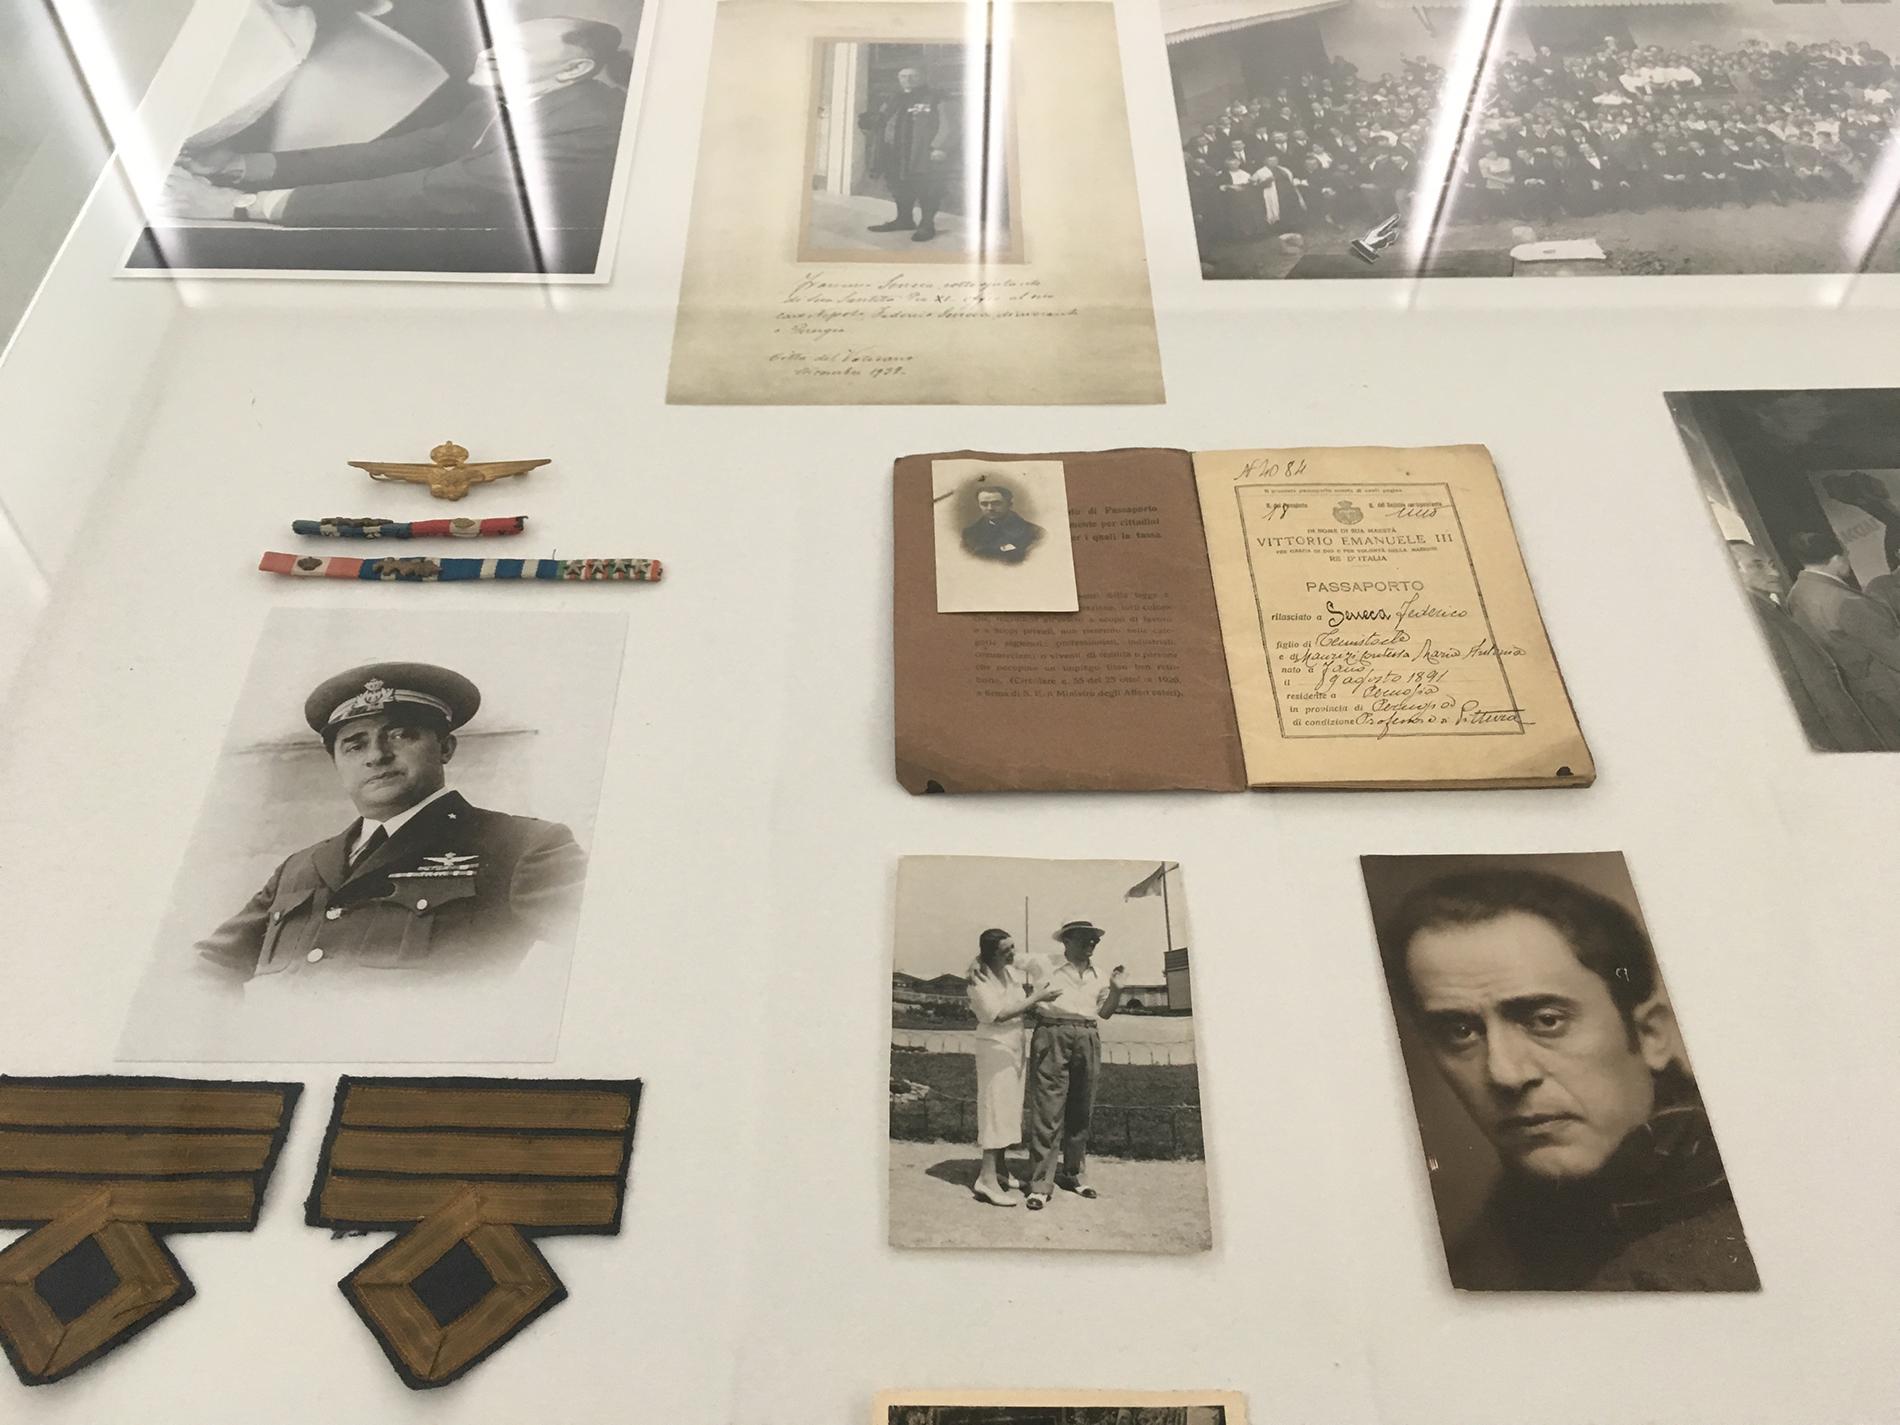 Fotografien und Kriegsauszeichnungen von Federico Seneca. Vitrine, Ausstellungsansicht (Foto Barbara Fässler)